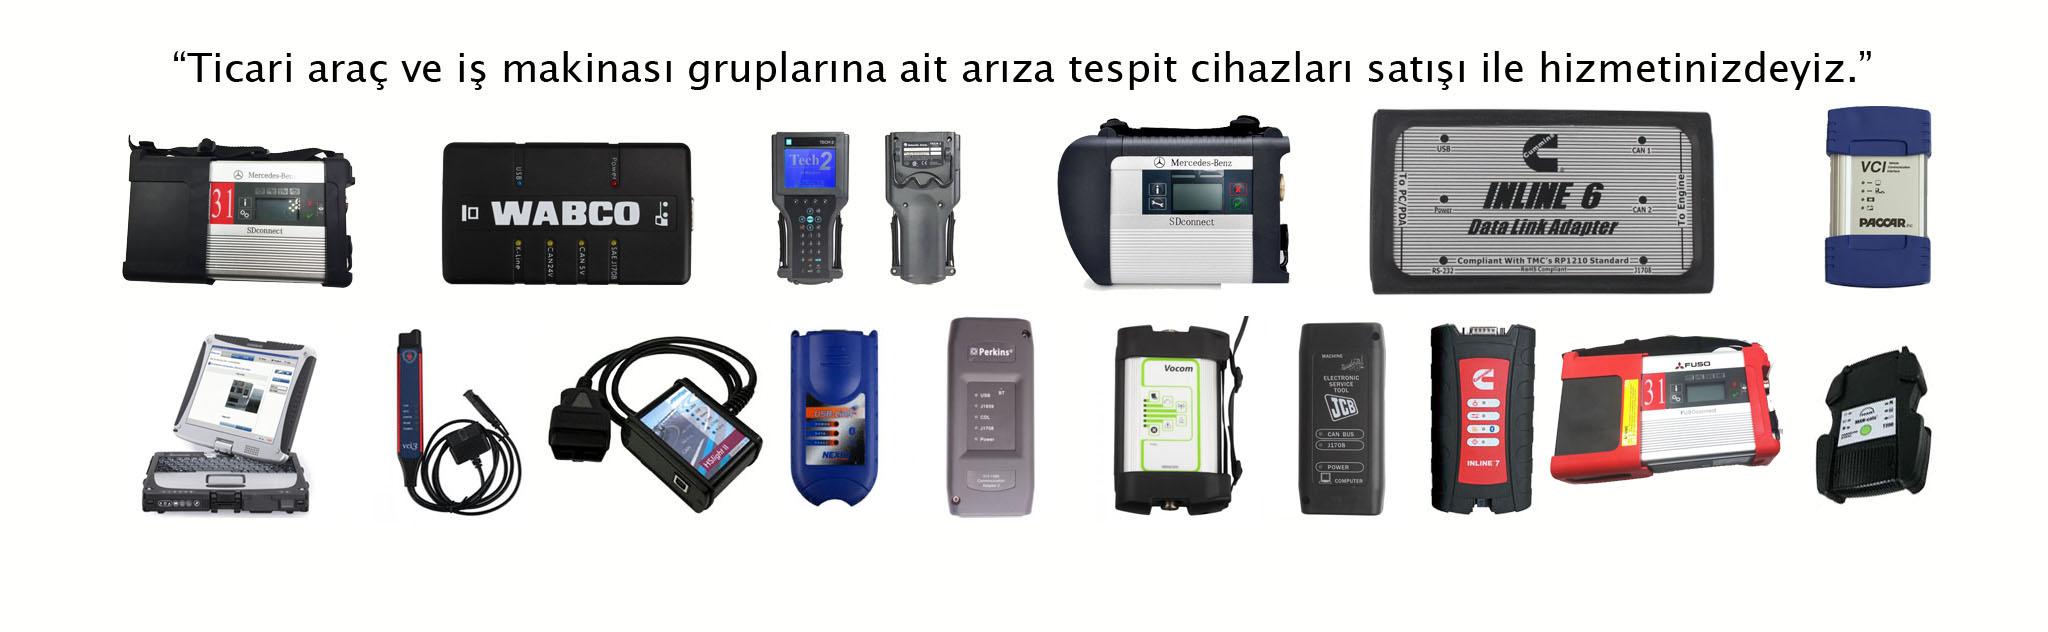 arıza tespit cihazları